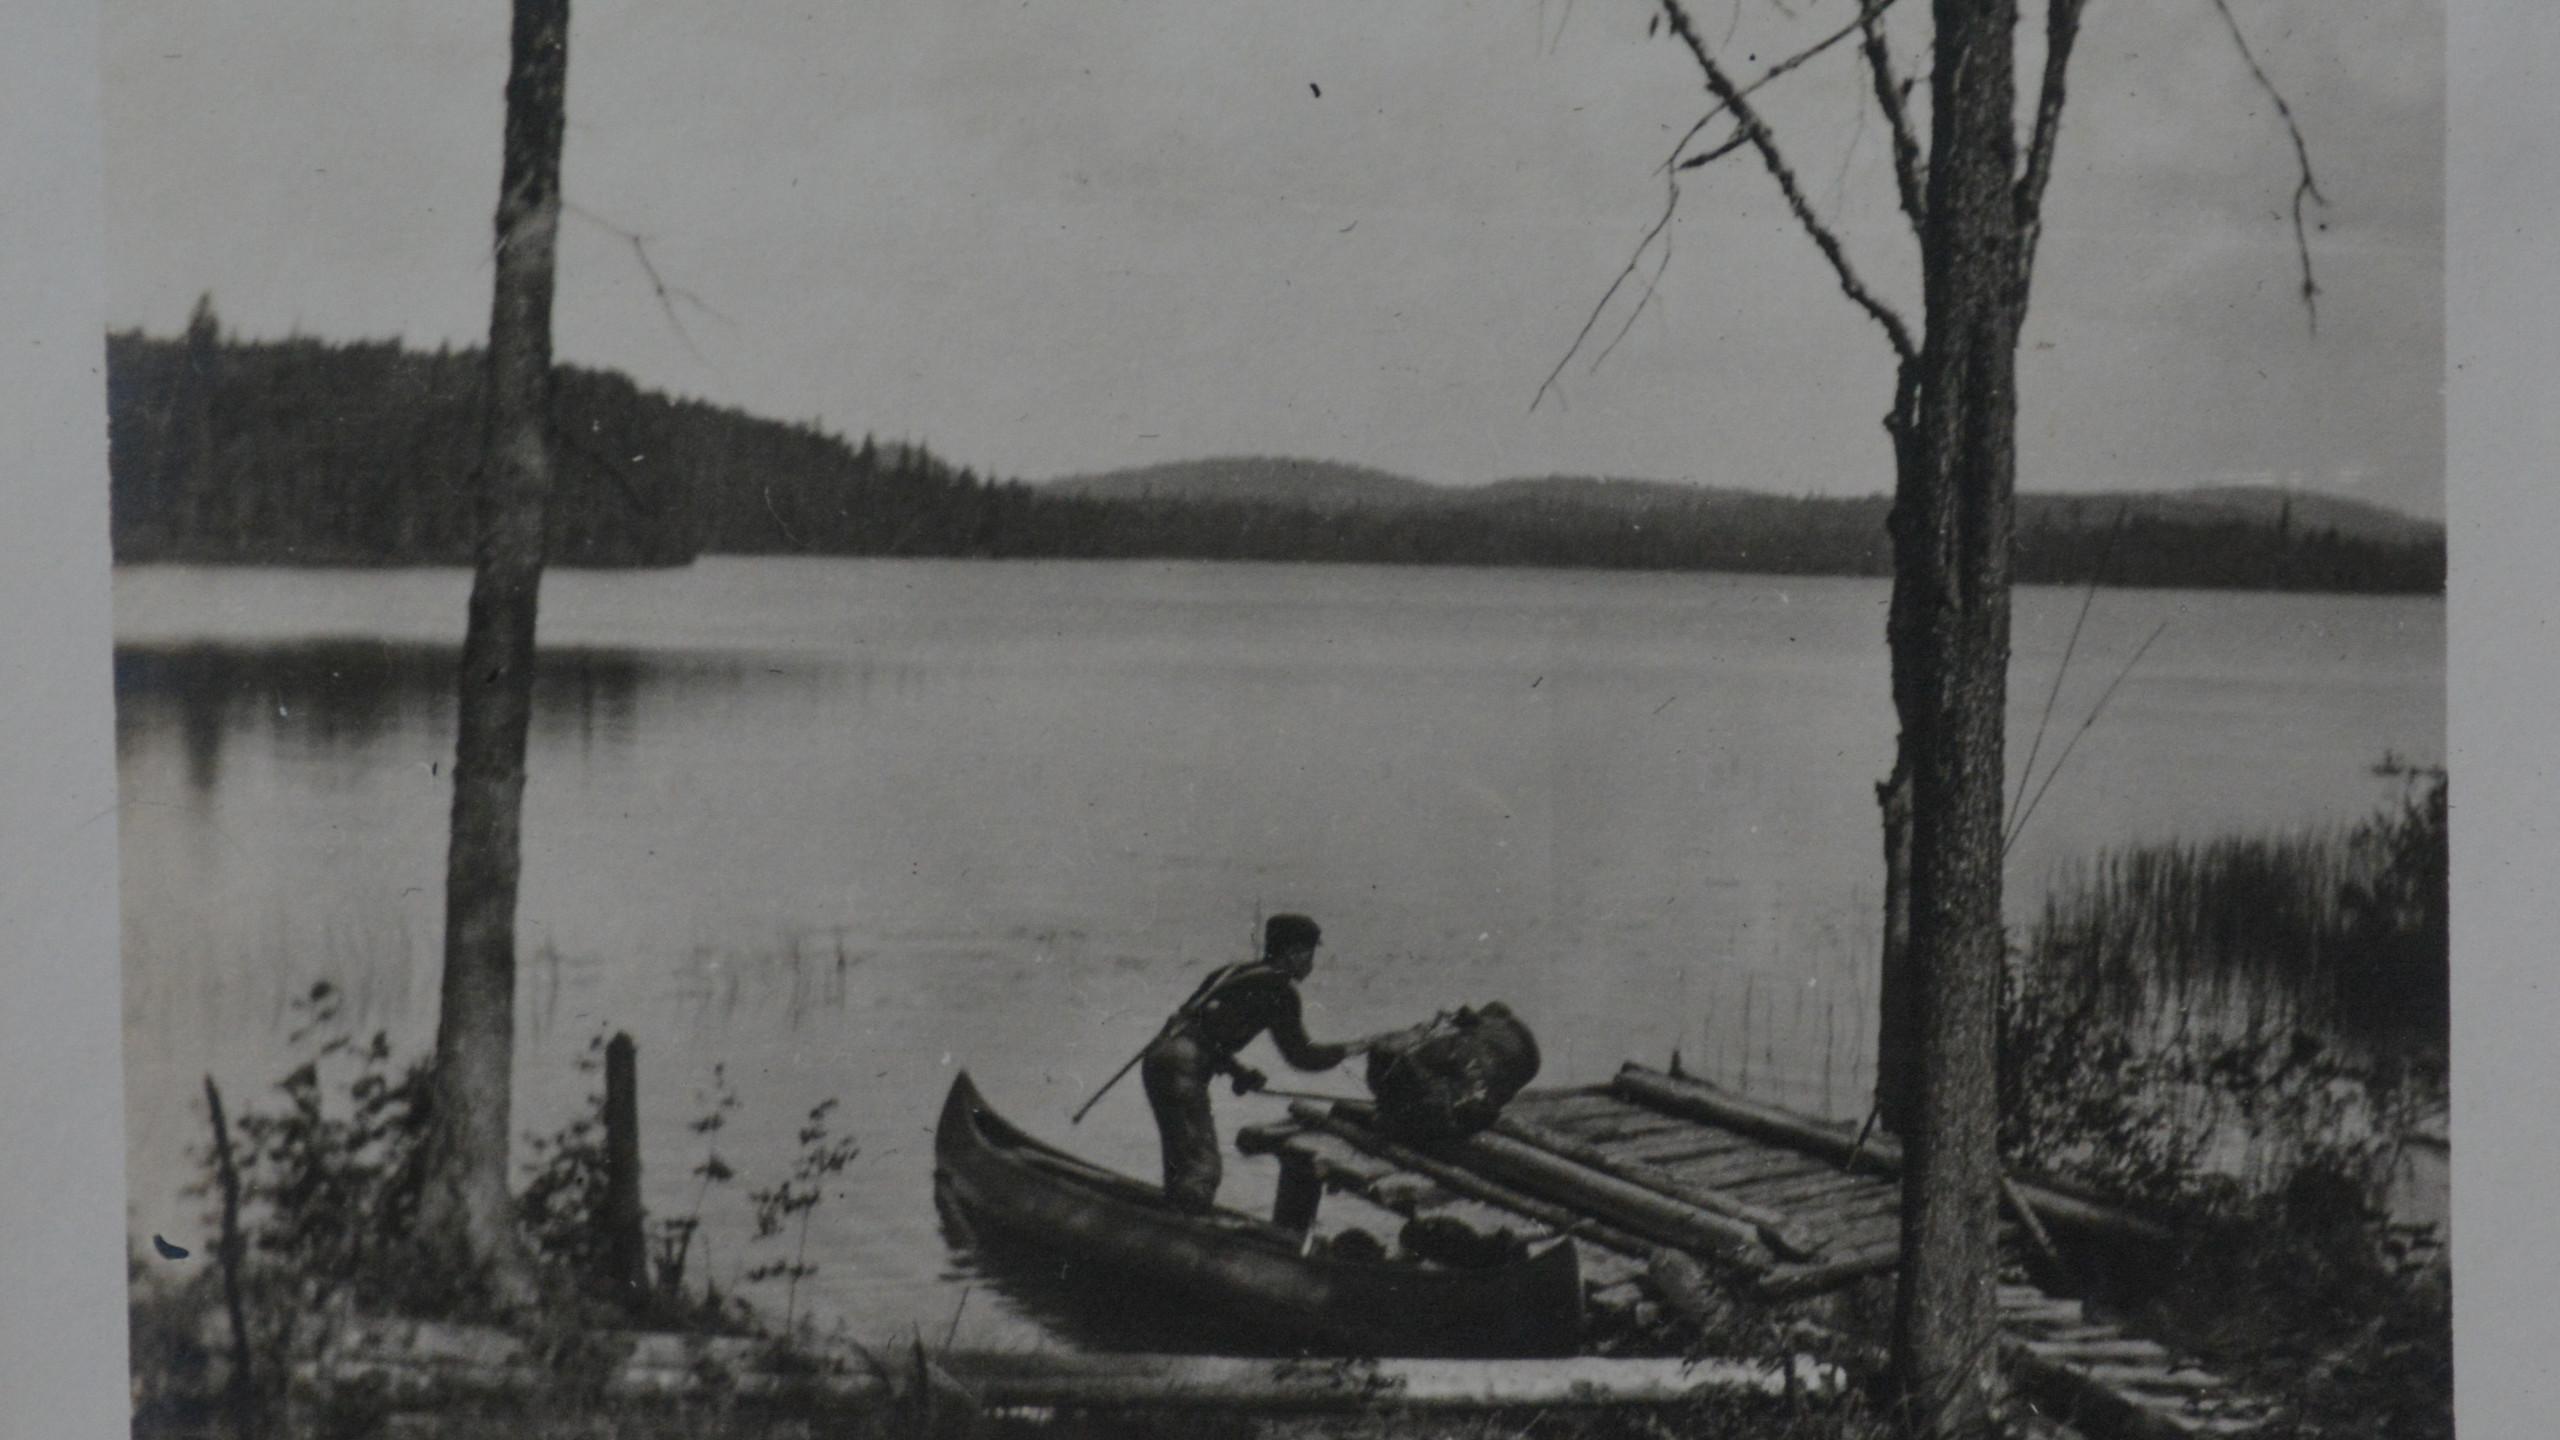 Unloading the canoe.